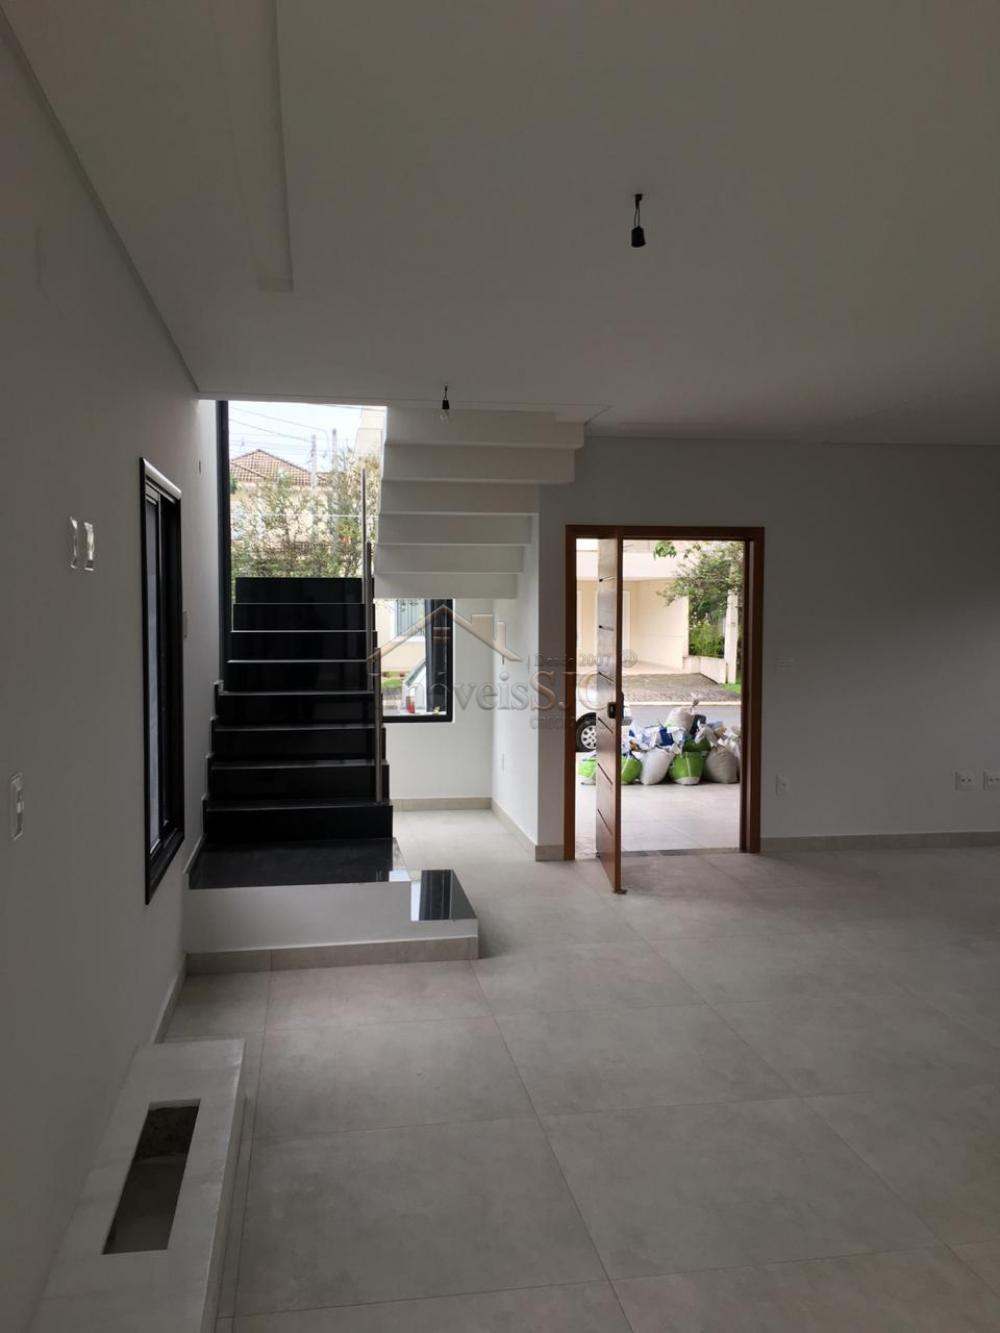 Comprar Casas / Condomínio em São José dos Campos apenas R$ 1.050.000,00 - Foto 1